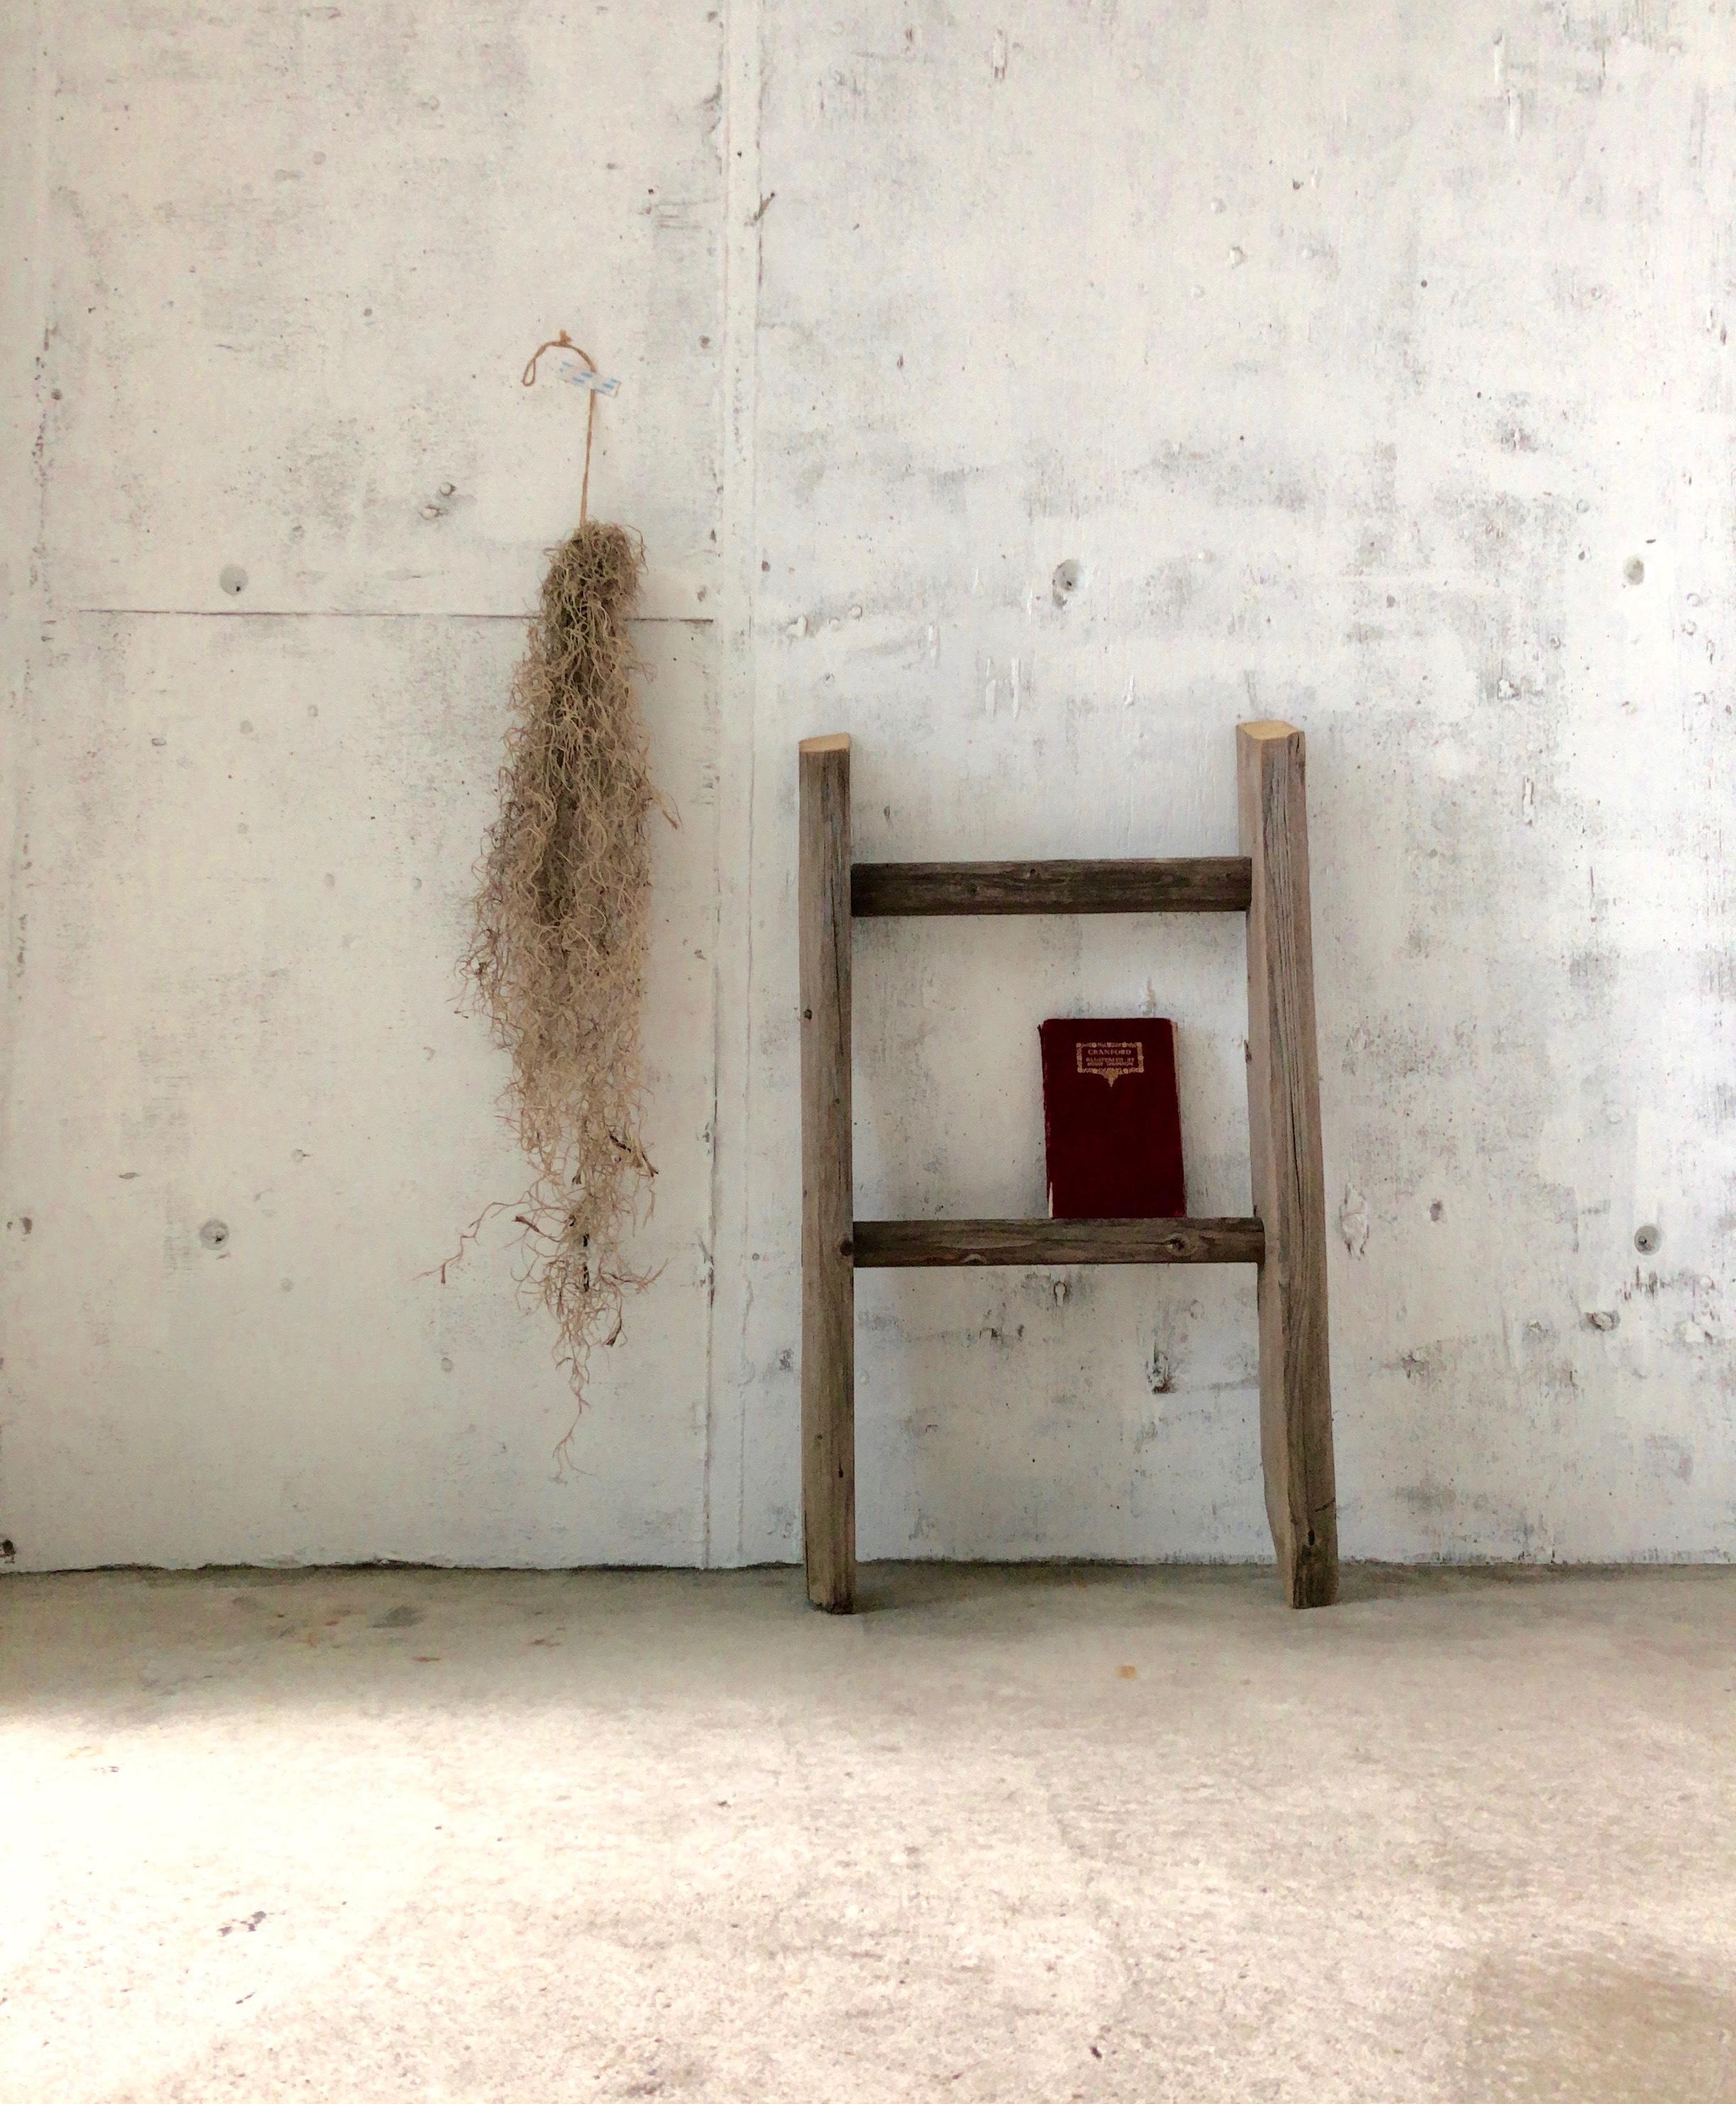 木製のディスプレイラダー[古家具]